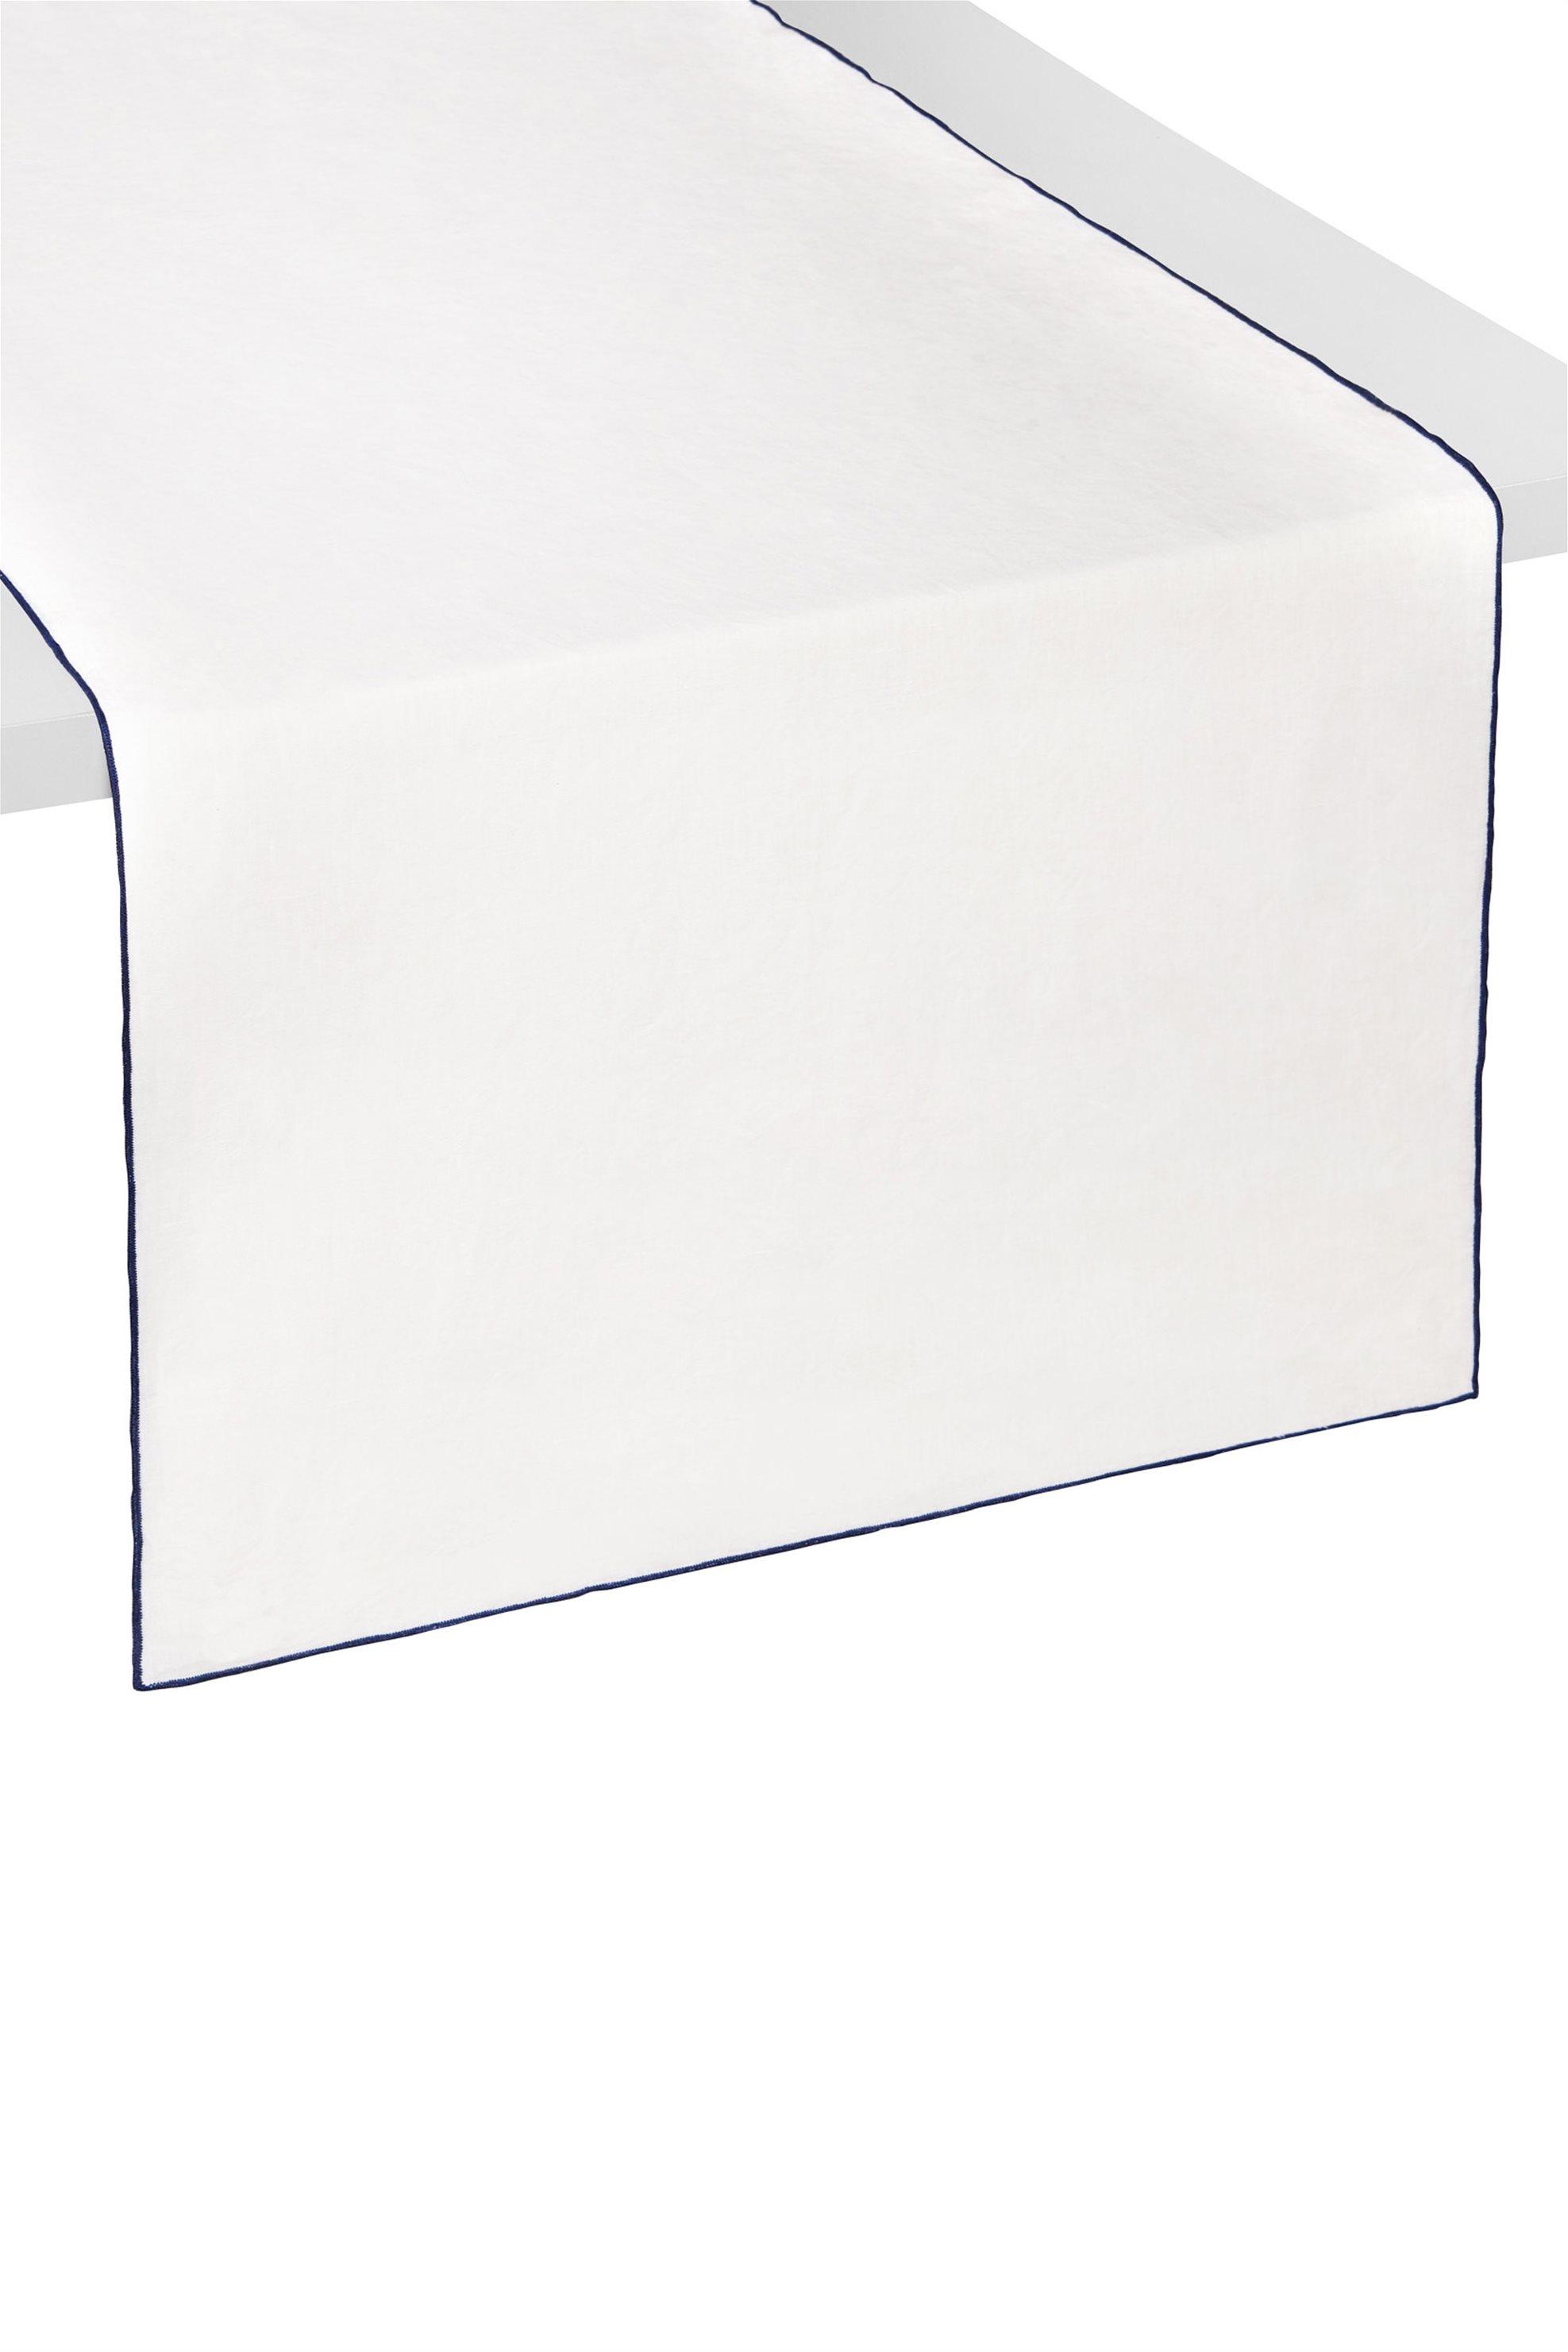 Ράνερ με λεπτομέρεια στις άκρες σε άλλο χρώμα 45 χ 150 cm Coincasa - 000494744 - home   κουζινα   τραβέρσες   ράνερ